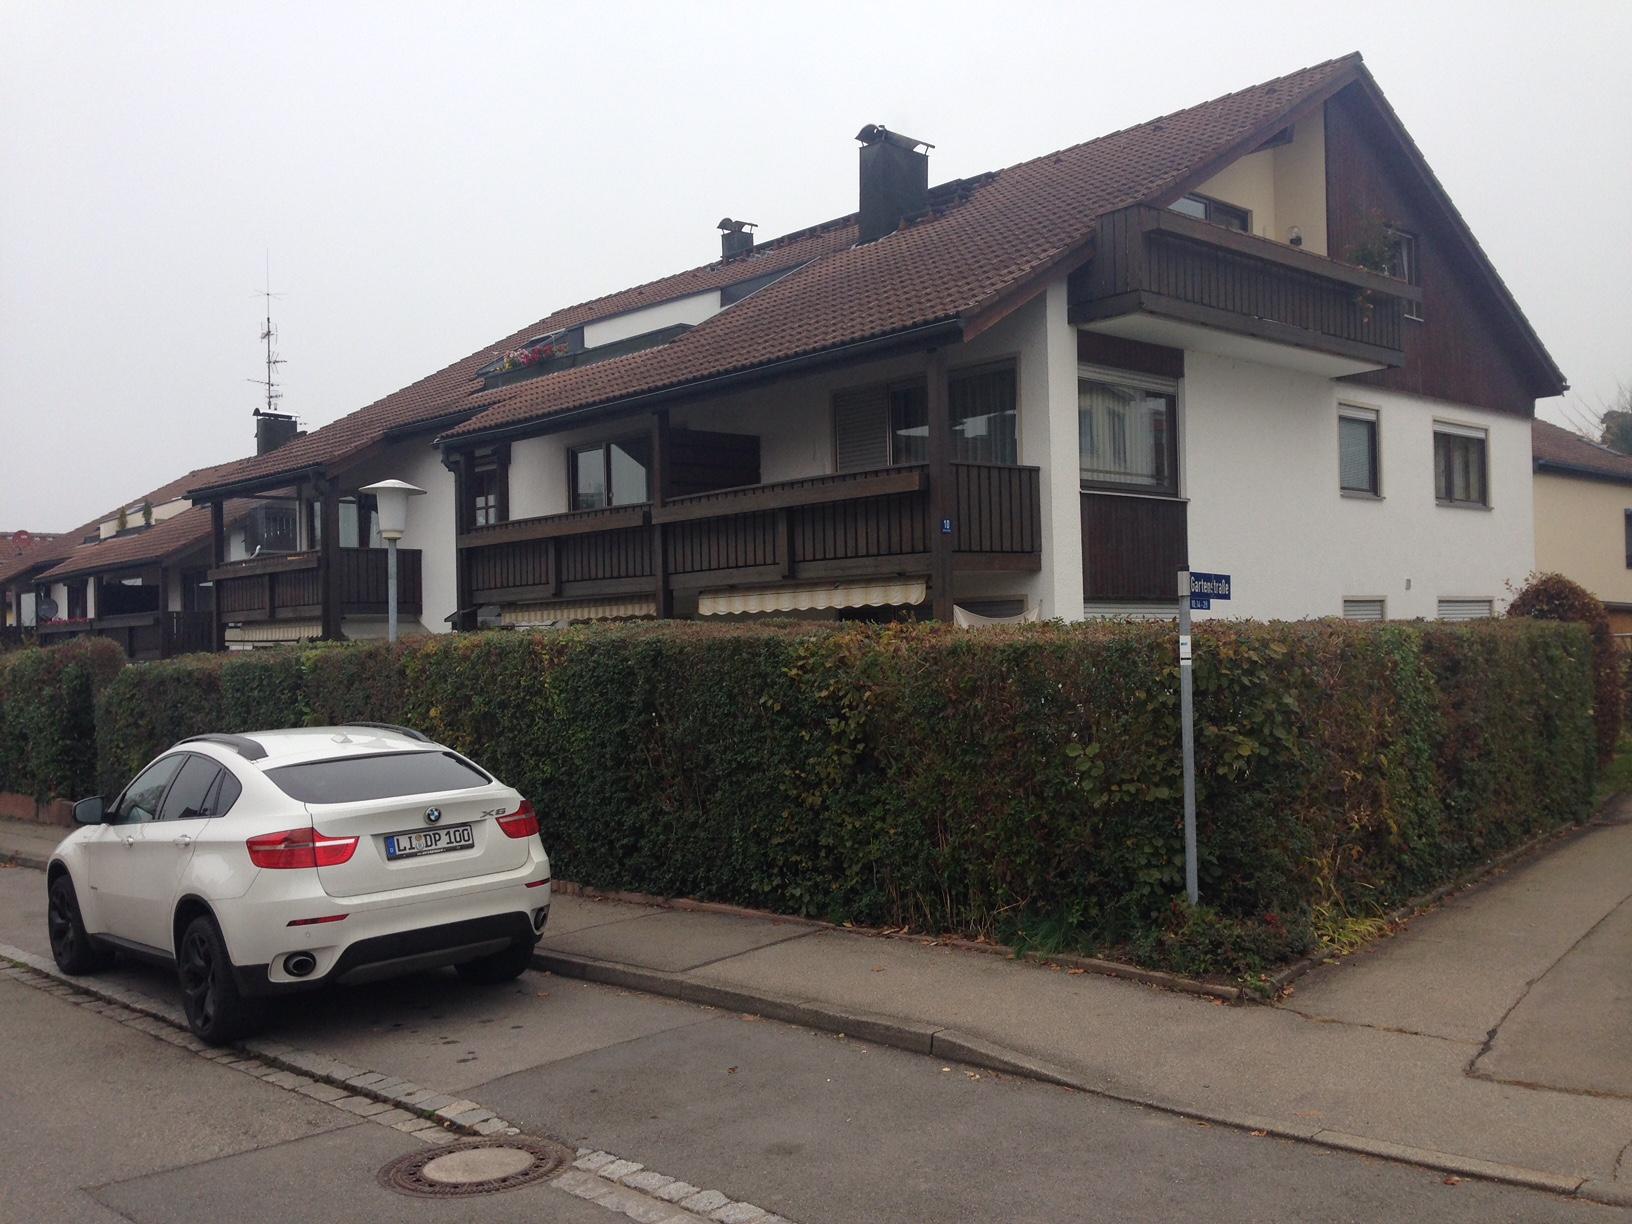 Attraktive 2,5 Zimmer Wohnung in Lindau Bodolz mit Terrasse und Gartenanteil in Bodolz